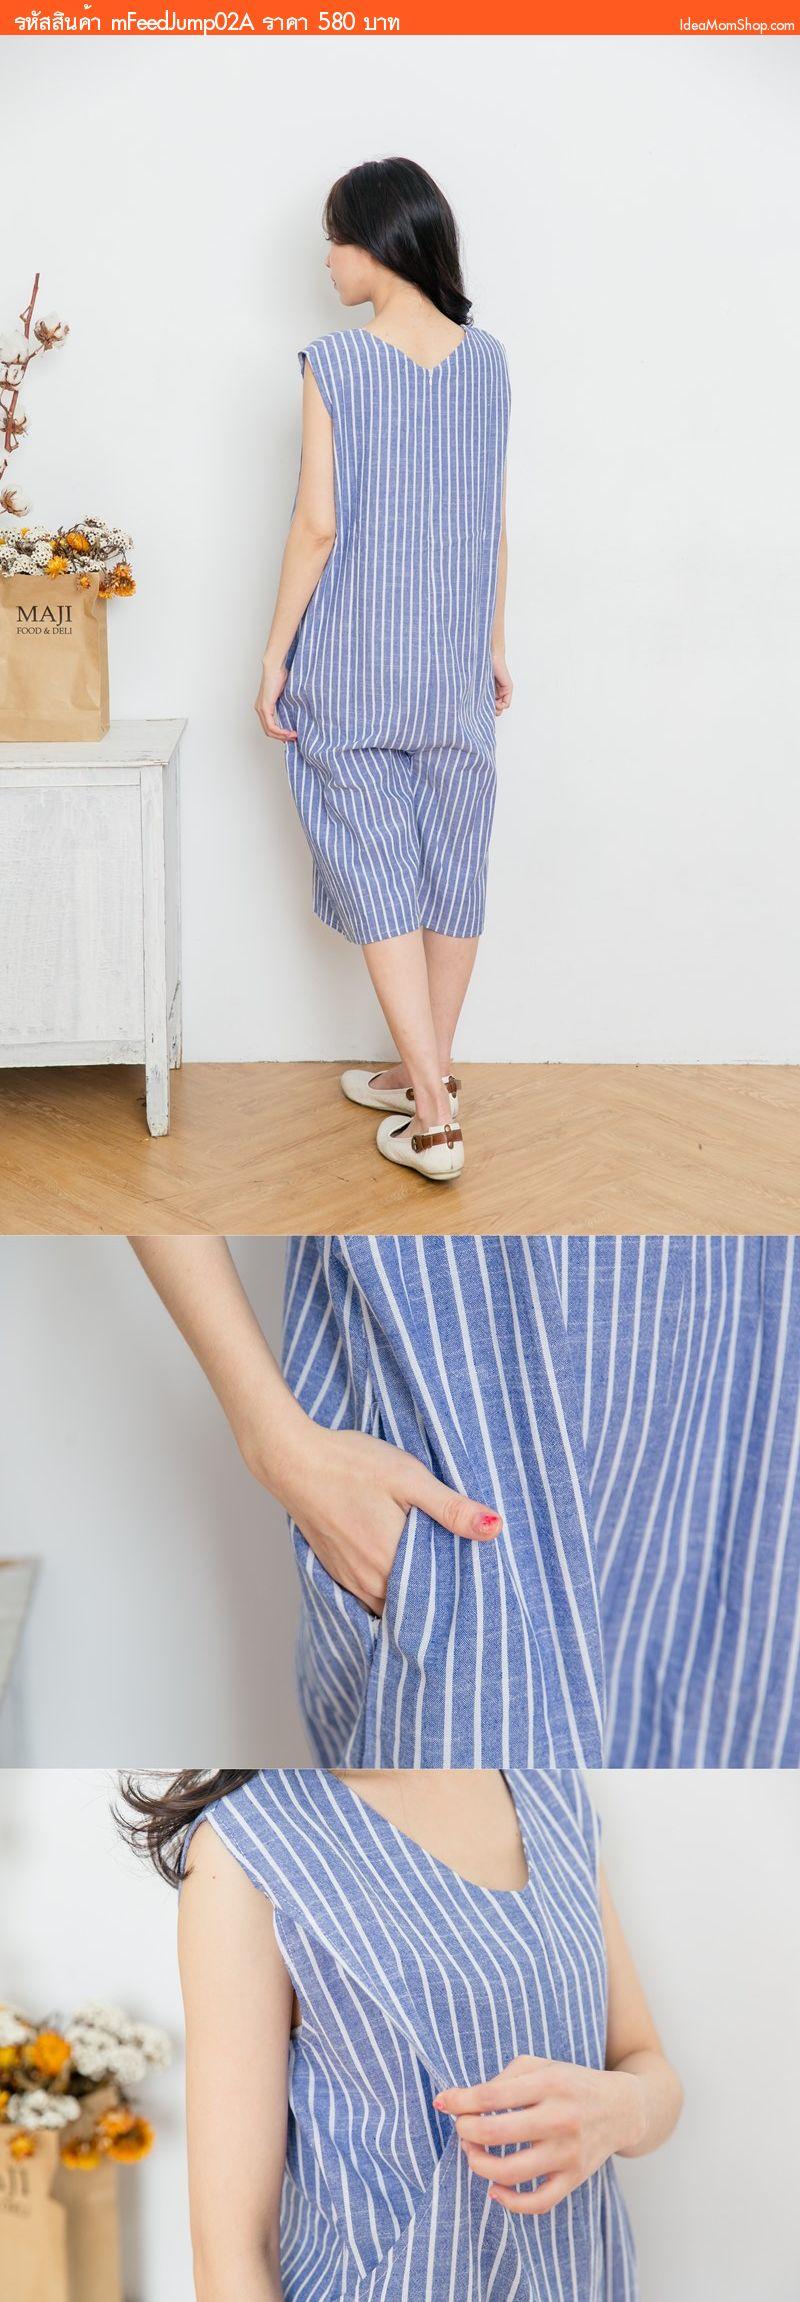 Jumpsuit ให้นม คลุมท้อง Stripe Me สีฟ้า